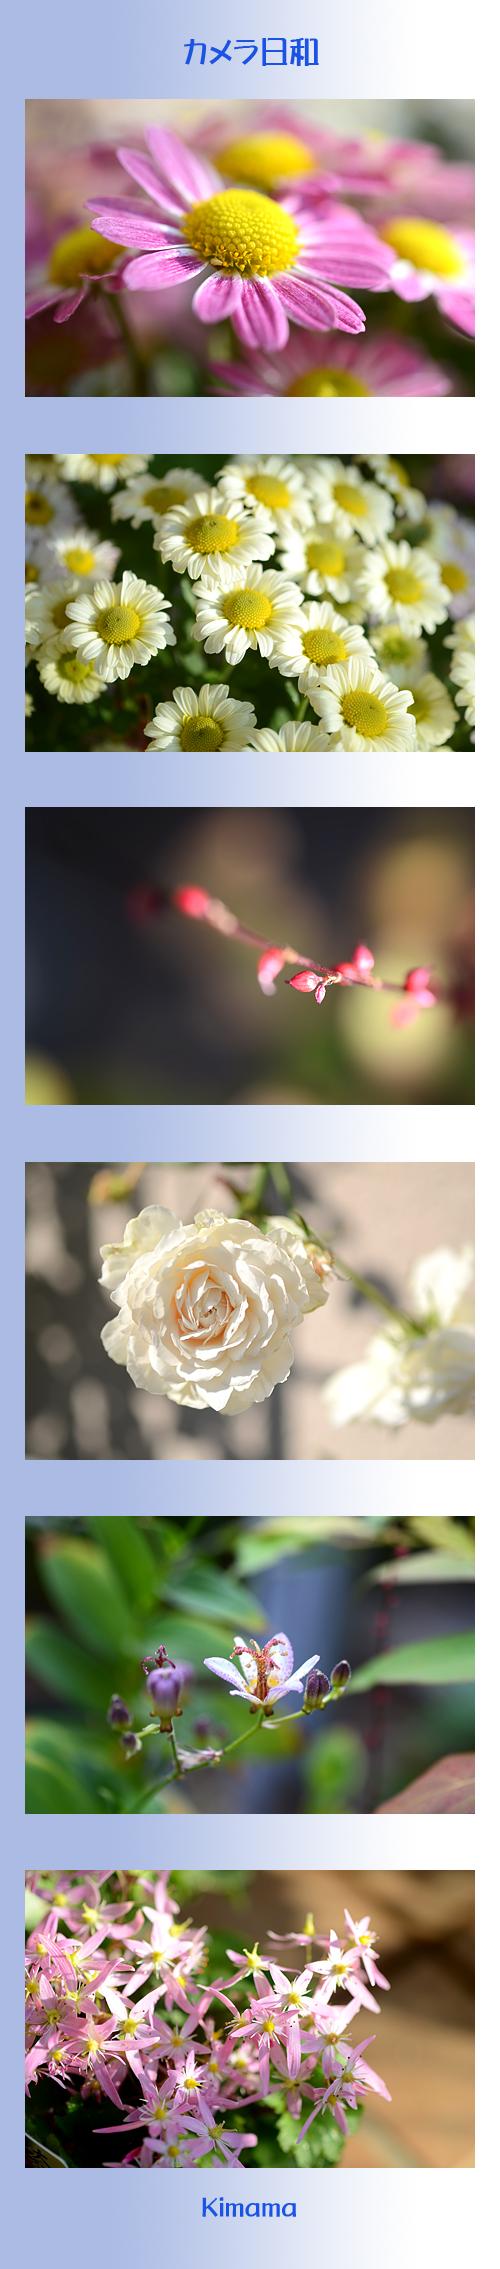 10月20日庭の花